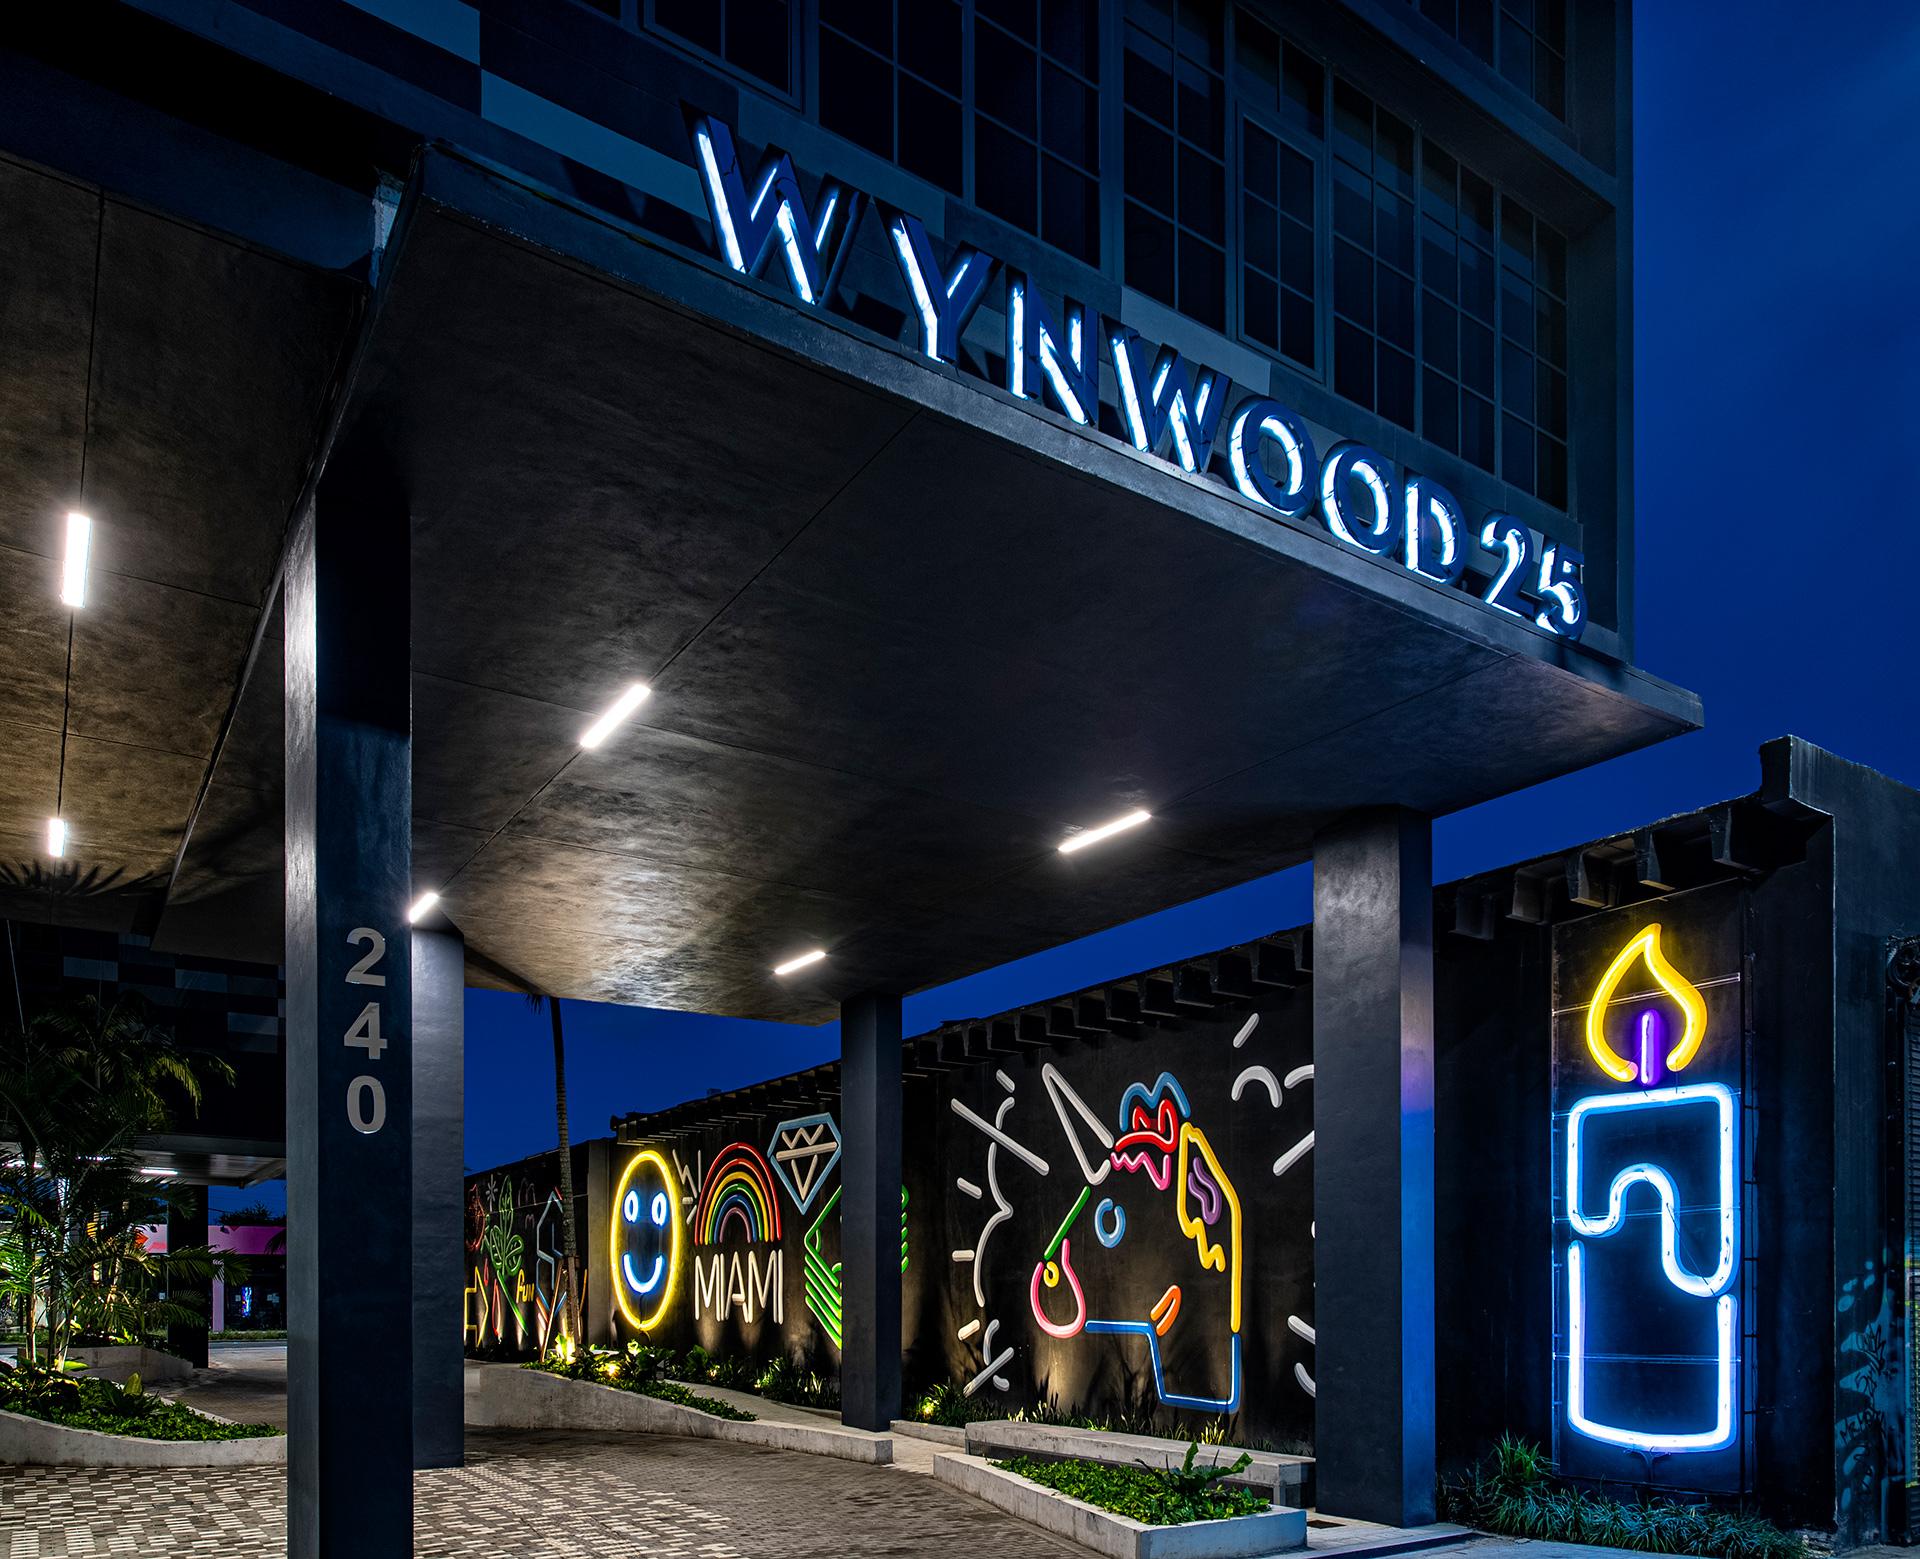 Entrance neon art by Typoe